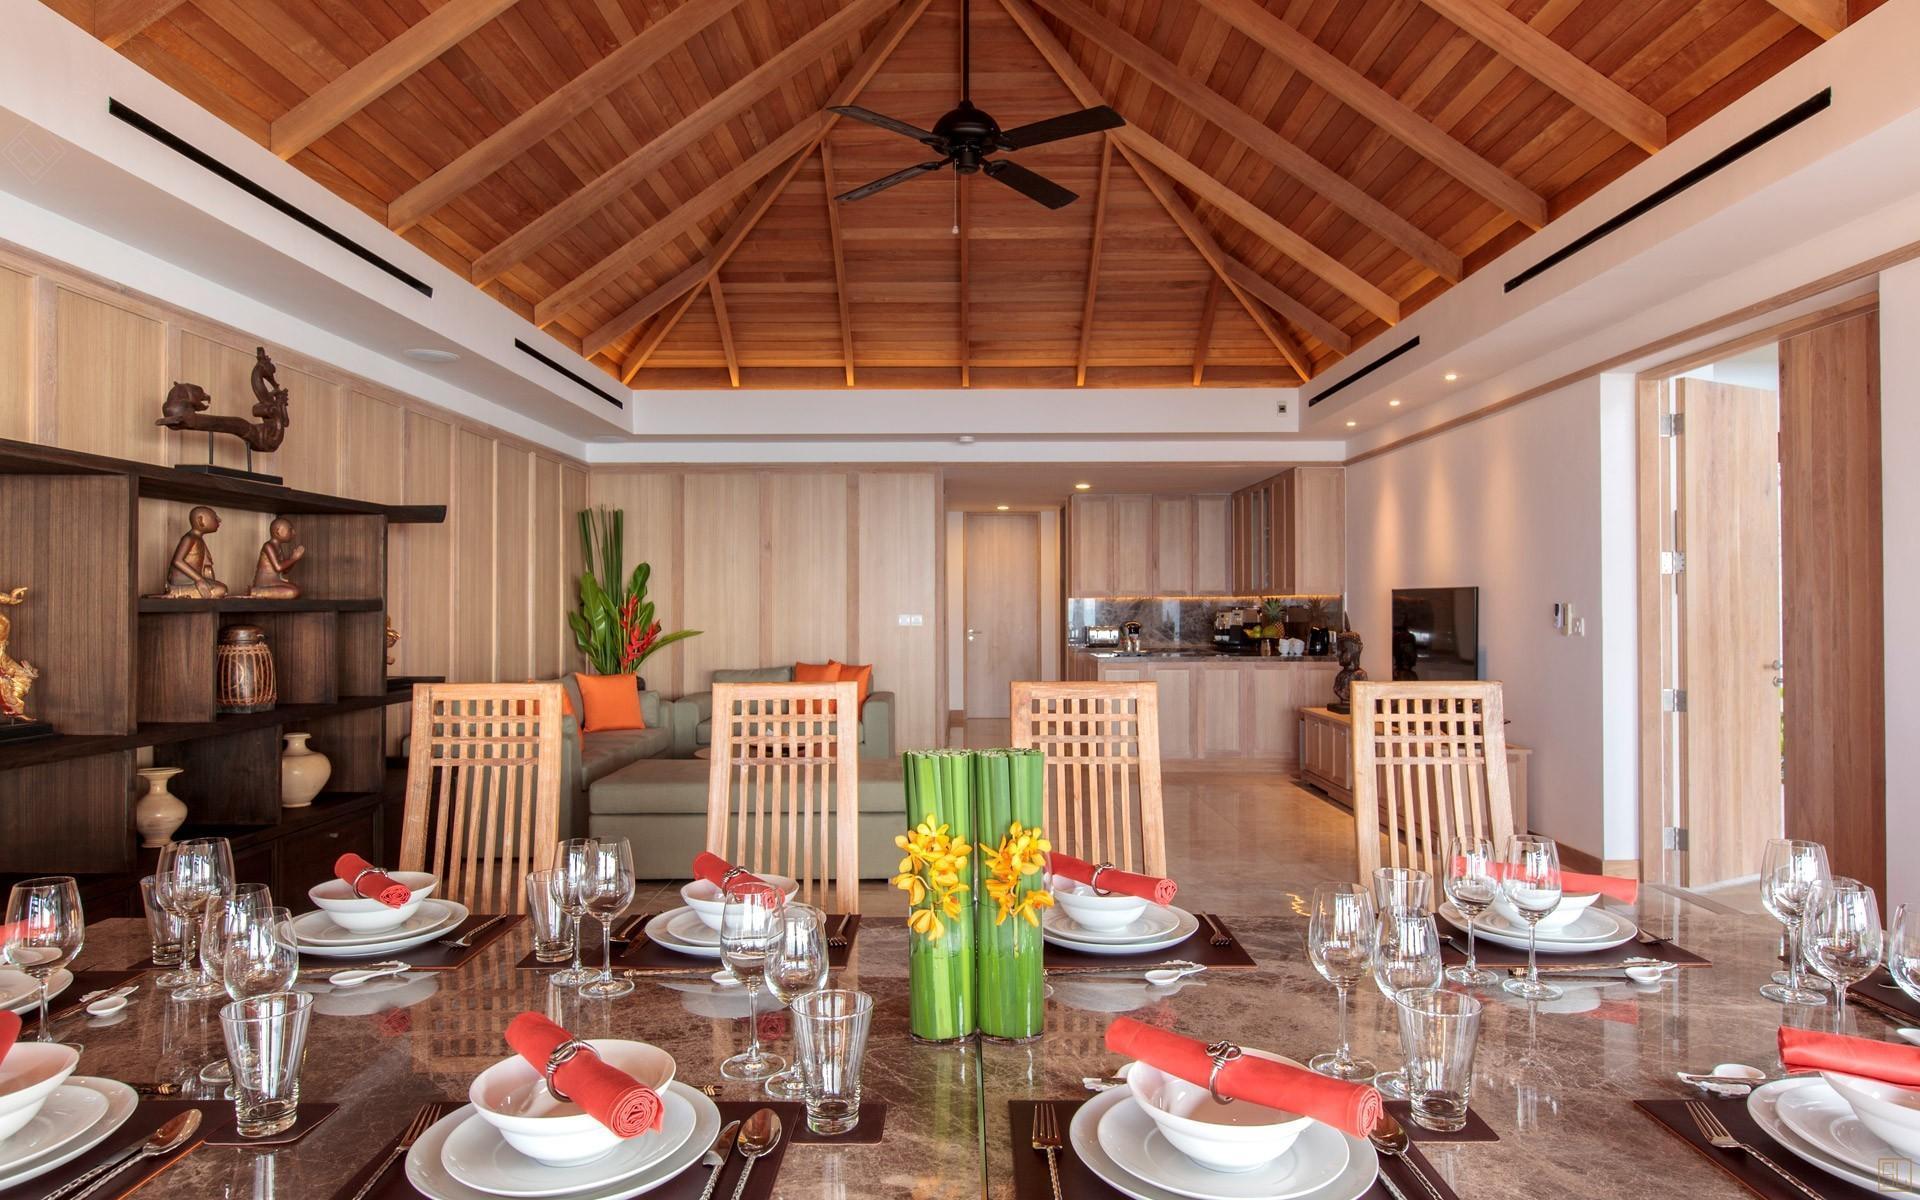 泰国苏梅岛密斯卡湾西拉别墅餐厅